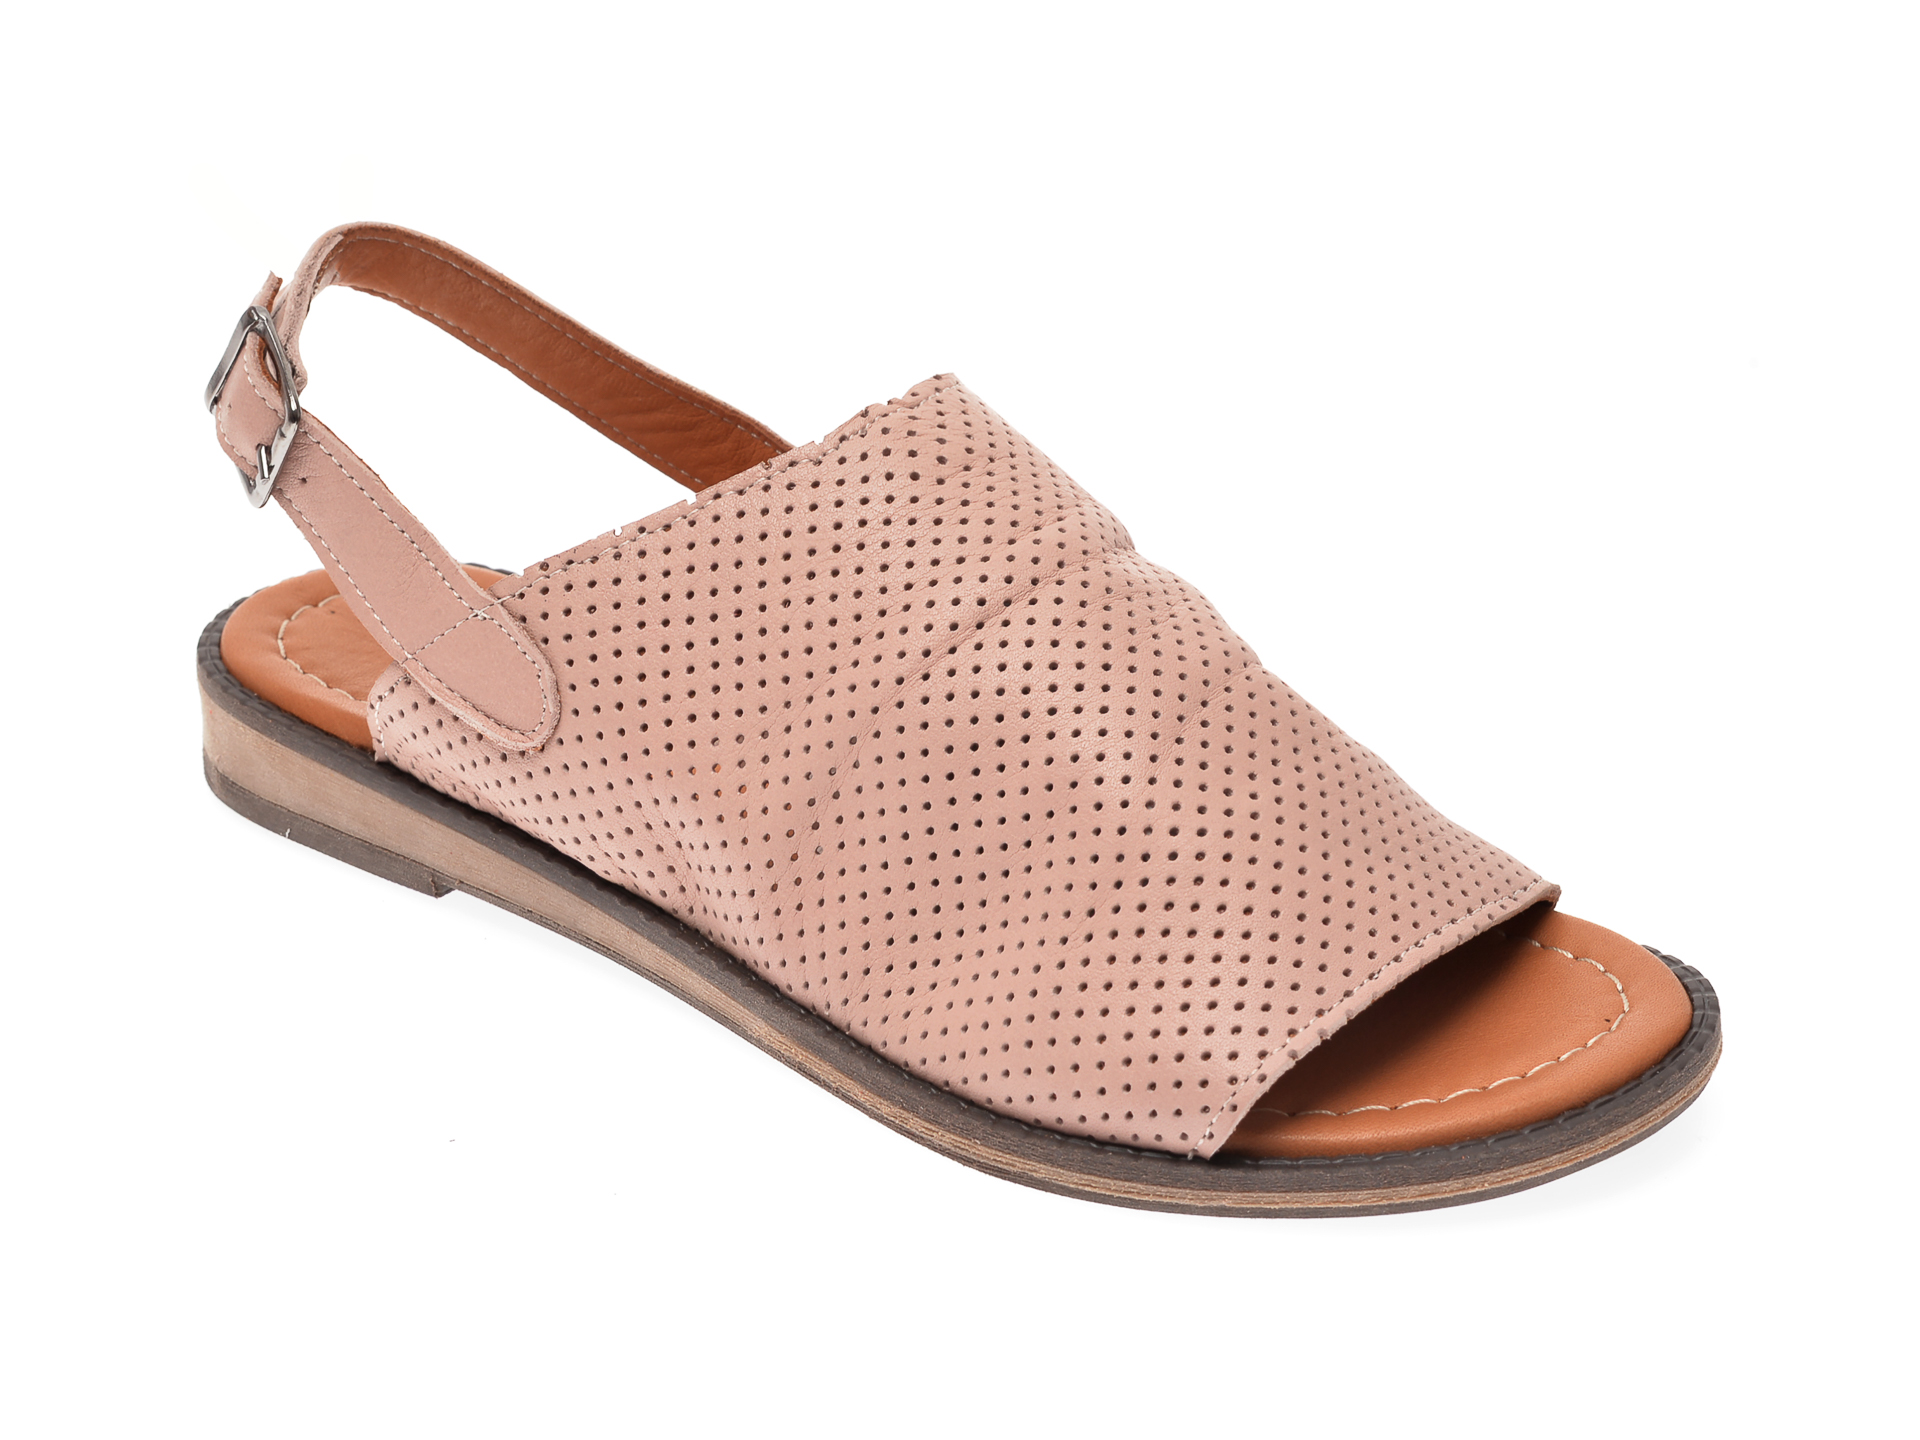 Sandale Image nude, 201, din piele naturala imagine